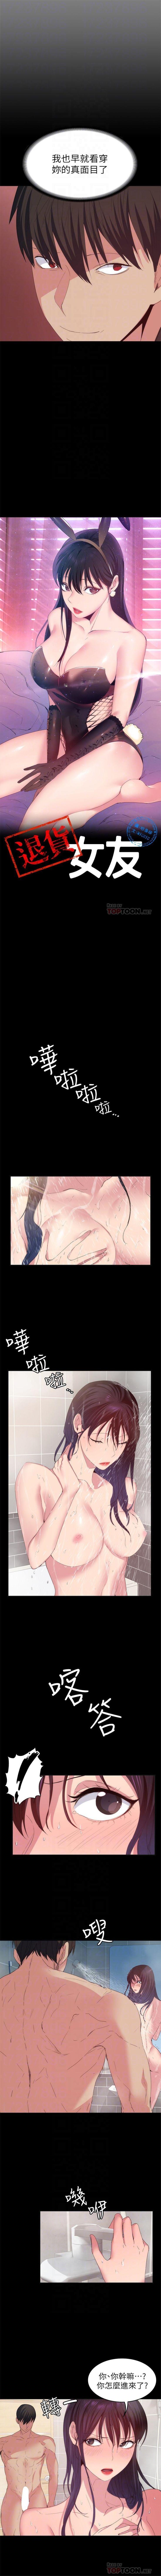 (周2)退货女友 1-23 中文翻译(更新中) 153